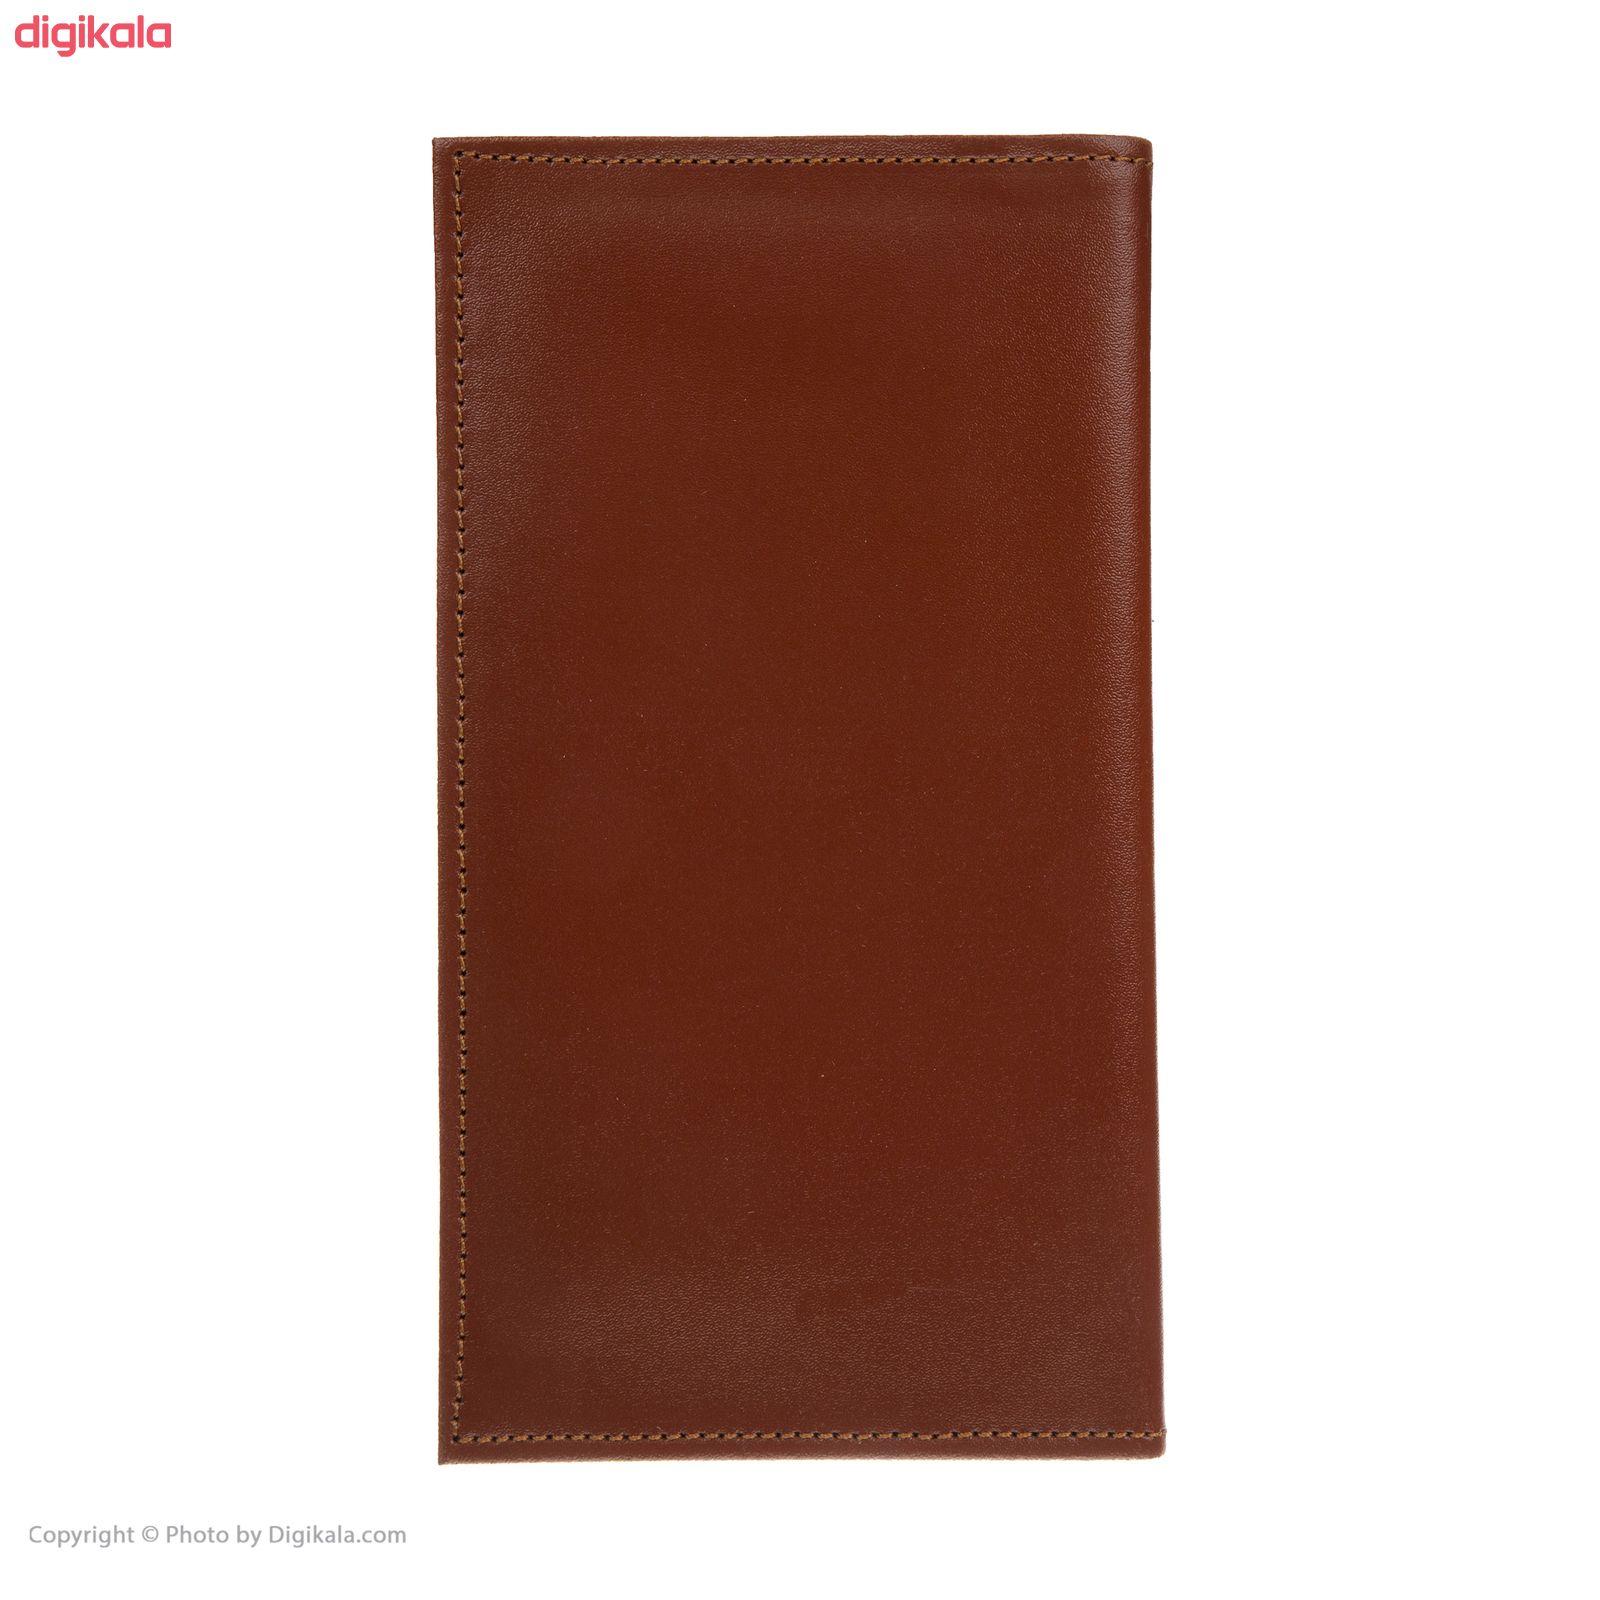 کیف پول مردانه رویال چرم کد M36 main 1 7